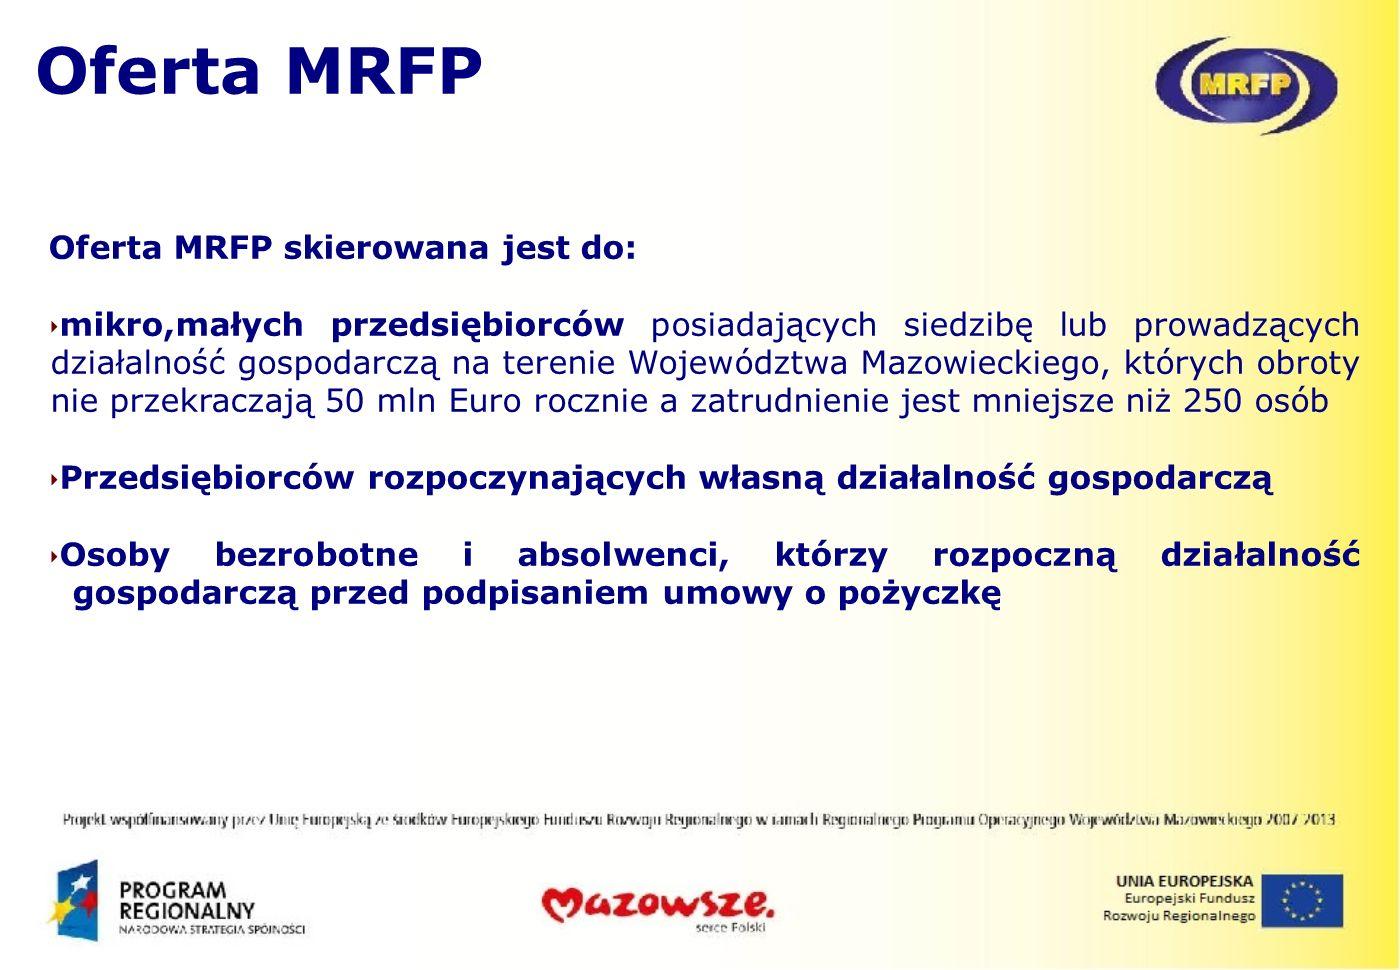 Oferta MRFP Oferta MRFP skierowana jest do: